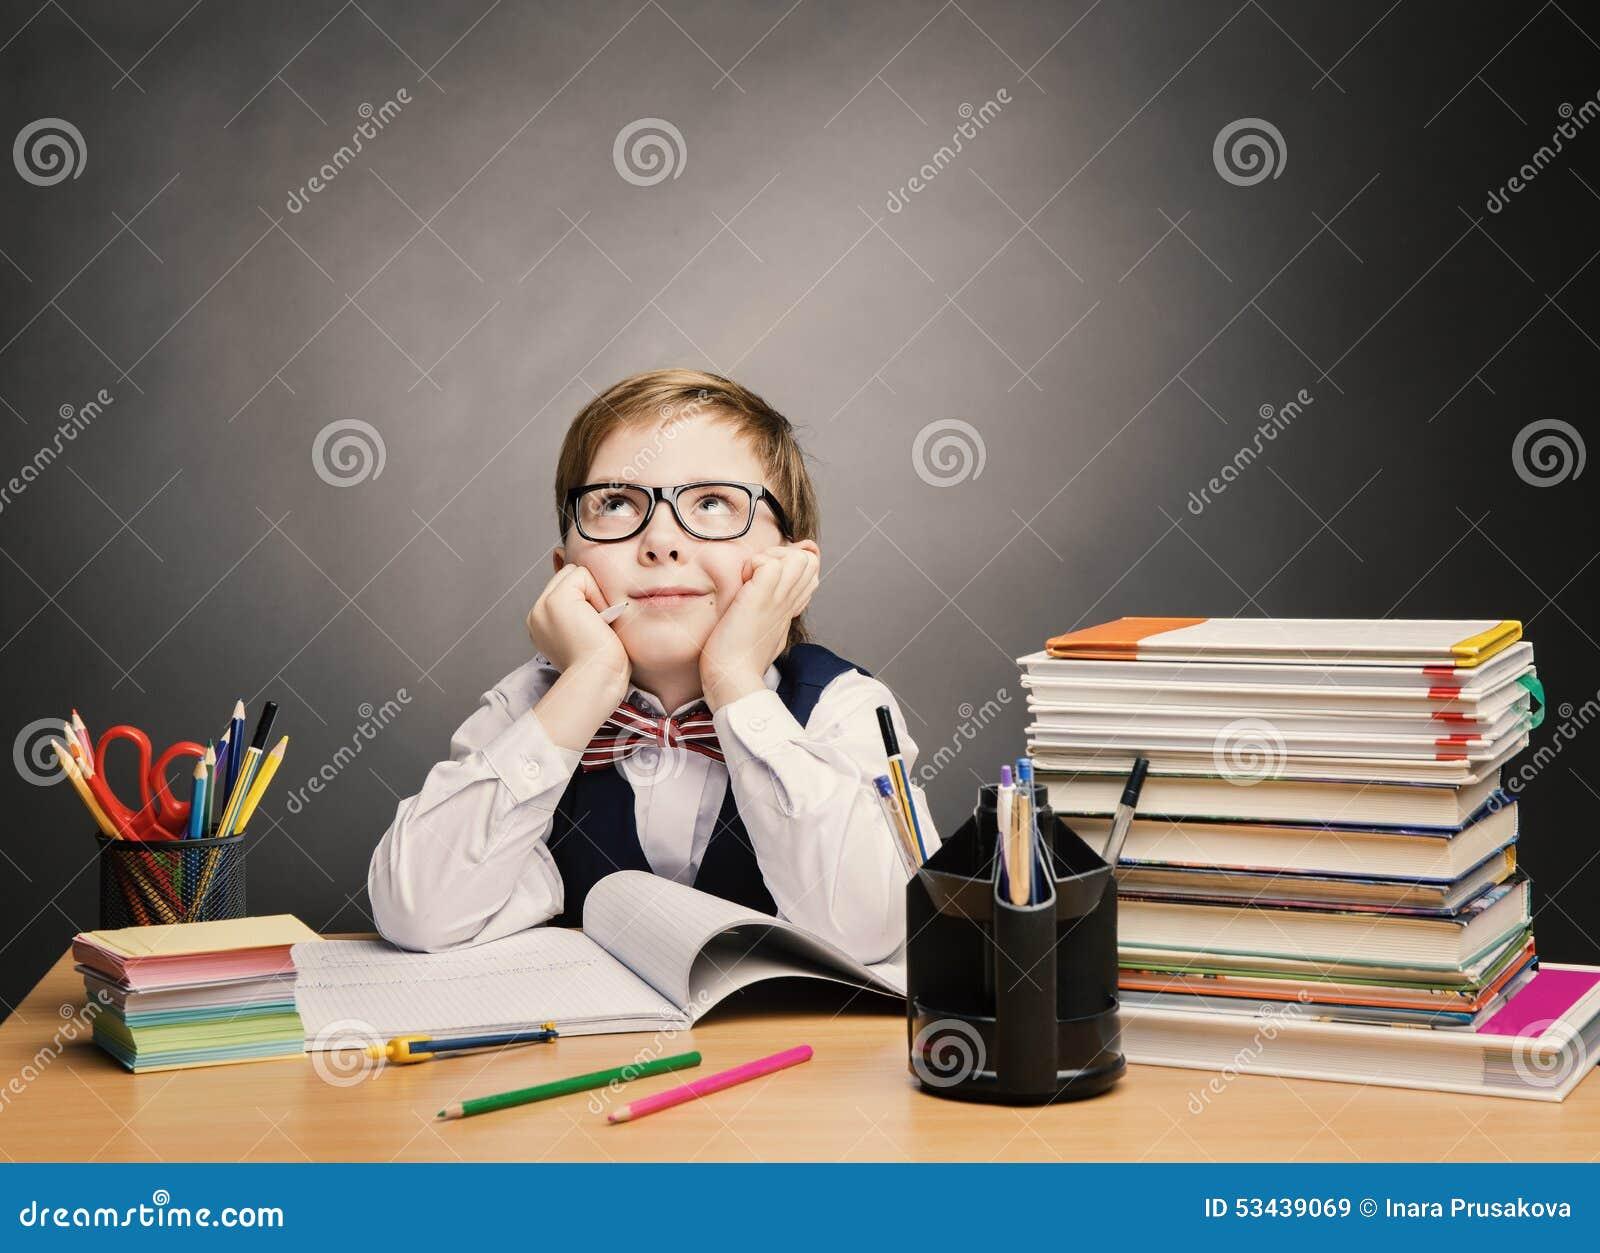 O menino do aluno nos vidros pensa a sala de aula, livro dos estudantes da criança